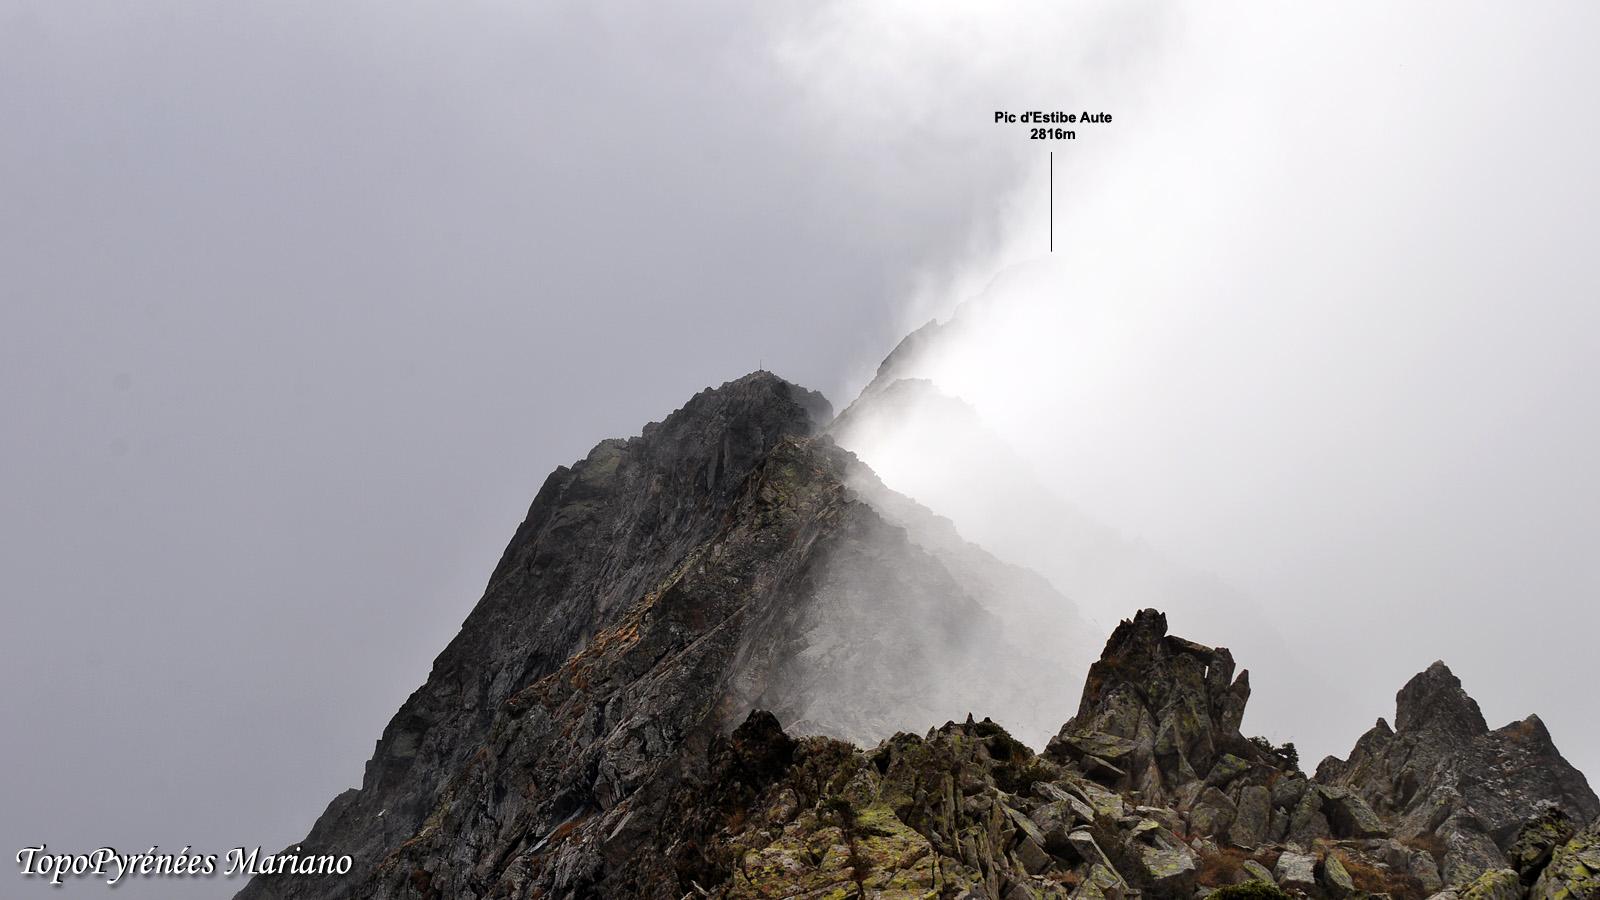 Randonnée Pic d'Estibe Aute (2816m)